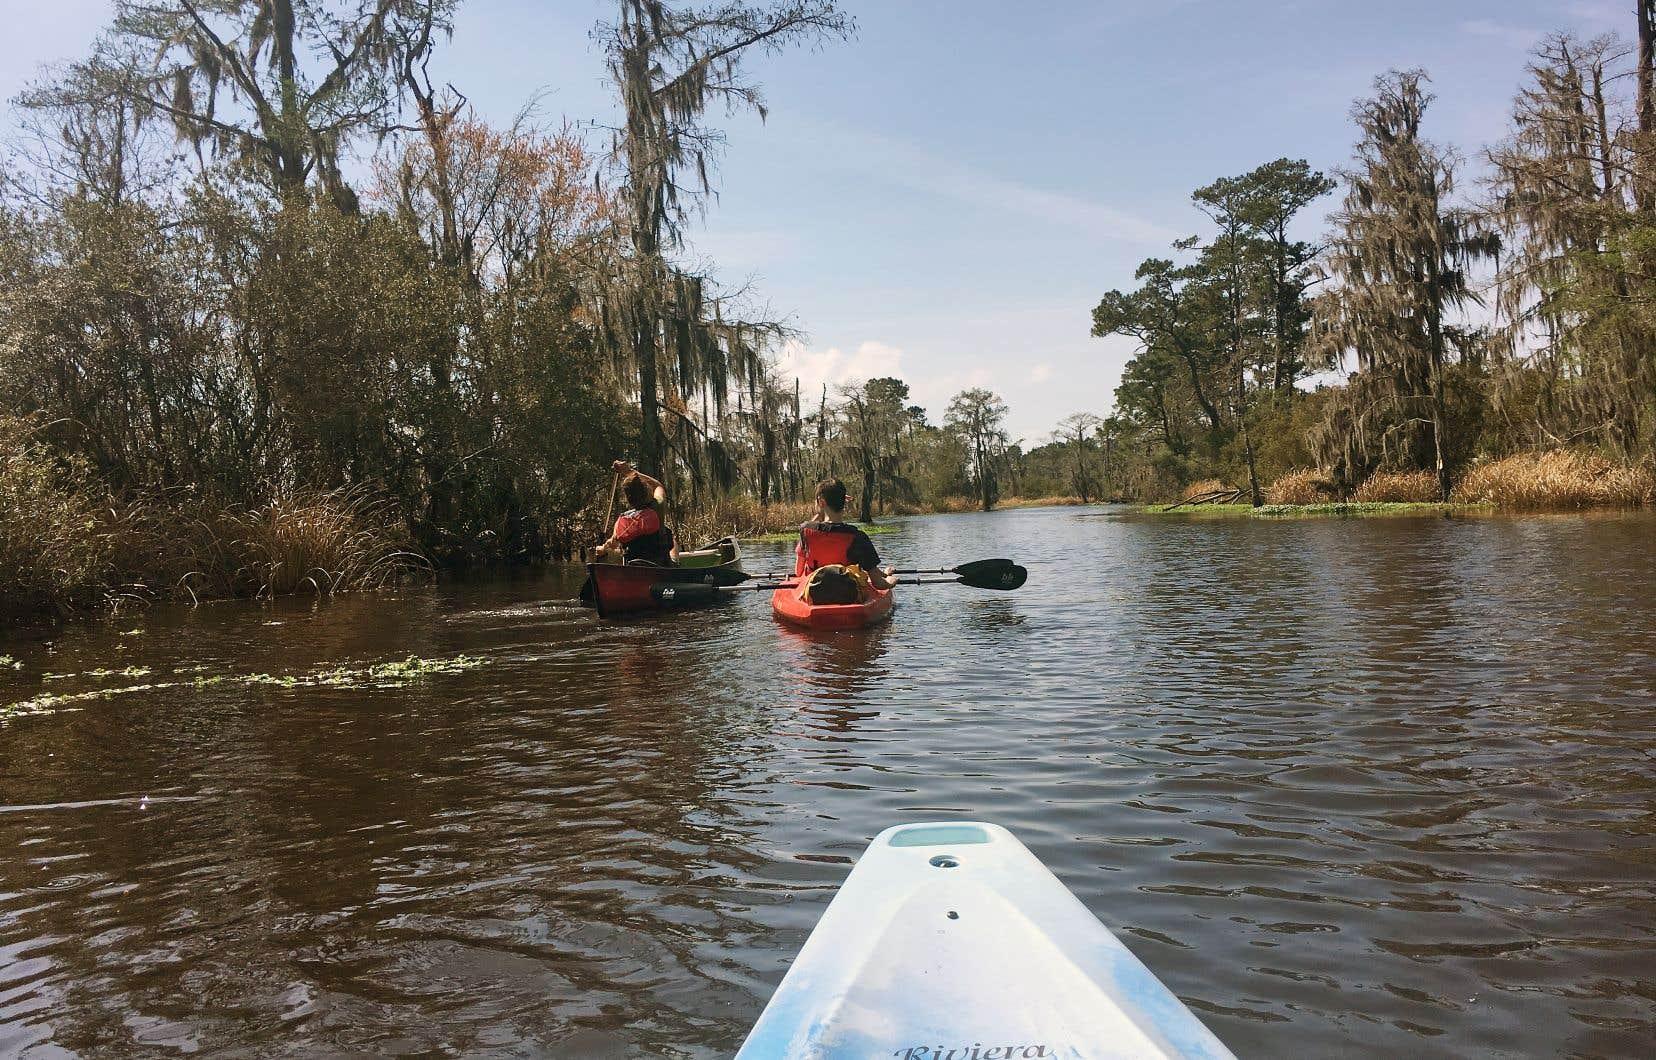 Comme tous les milieux humides, les bayous sont fragiles, et le passage fréquent de gros bateaux remplis de touristes qui parlent fort n'est pas l'idéal pour leur préservation.